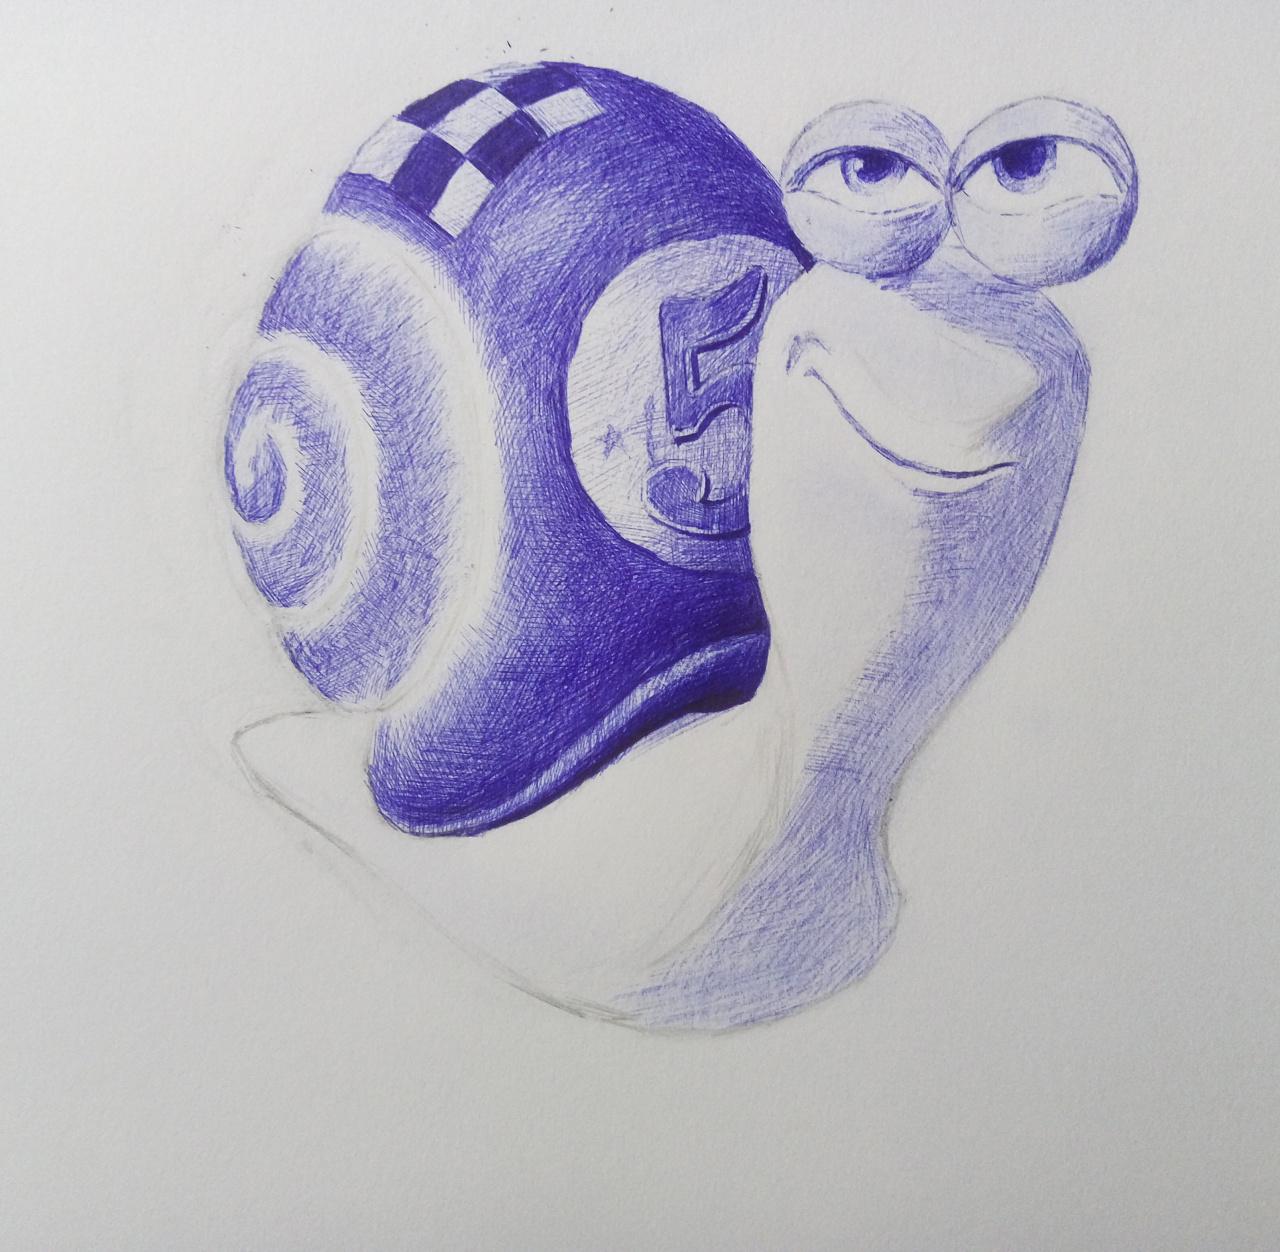 圆珠笔手绘极速蜗牛